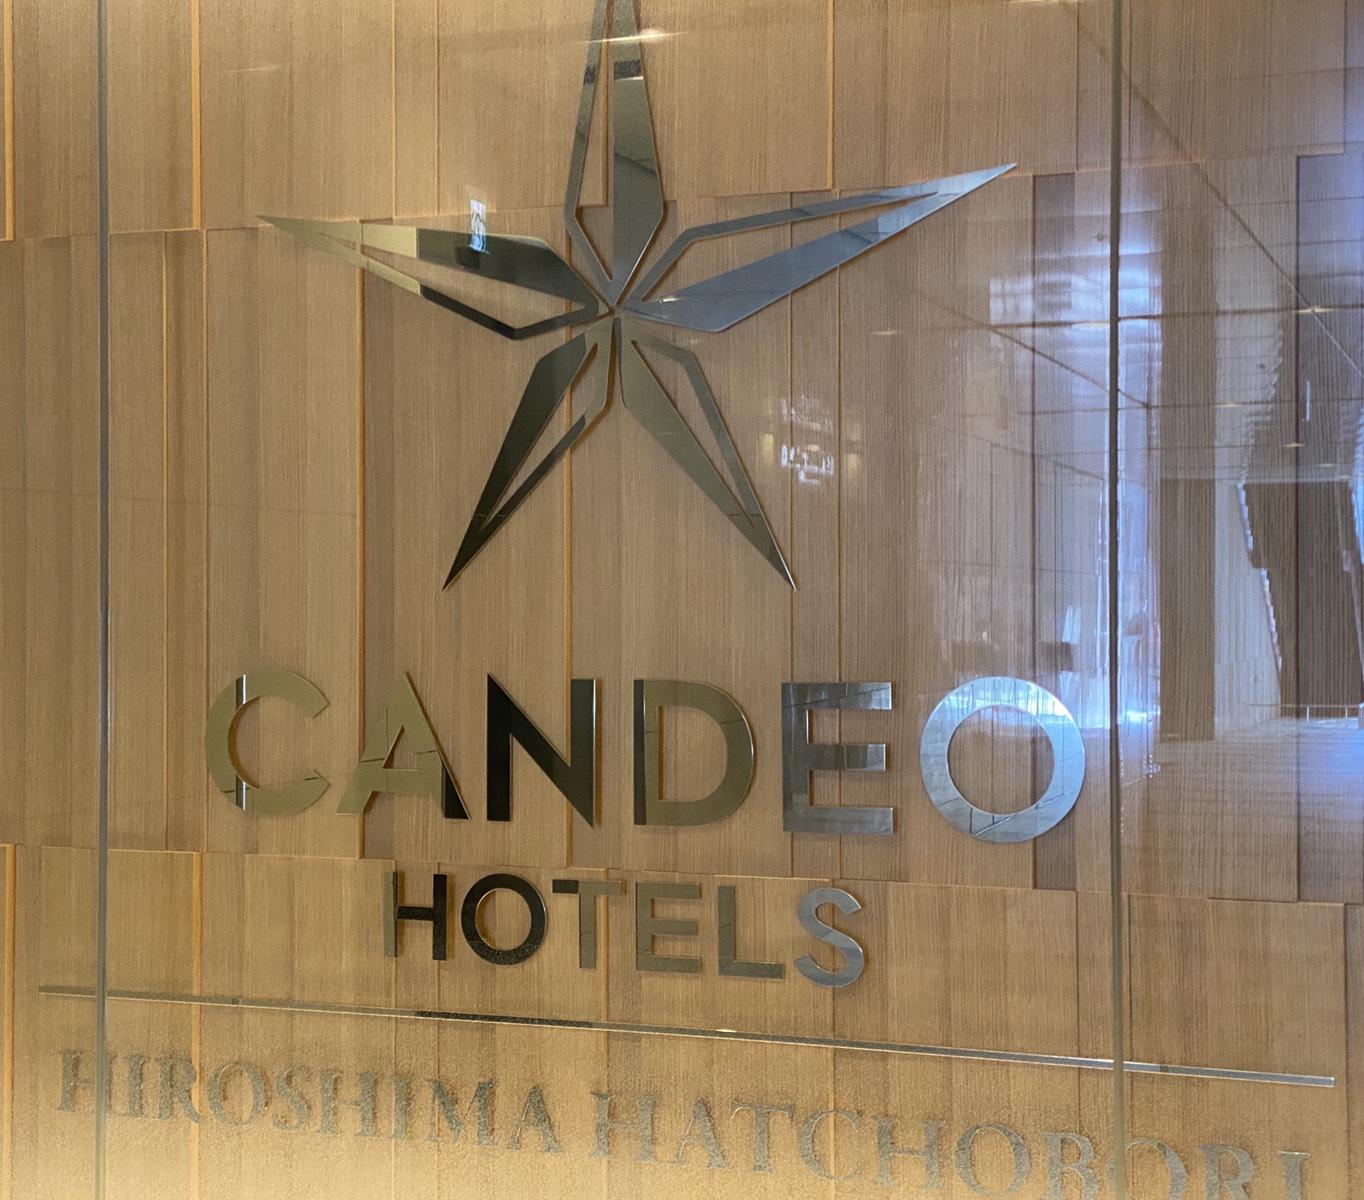 カンデオホテルズ広島八丁堀